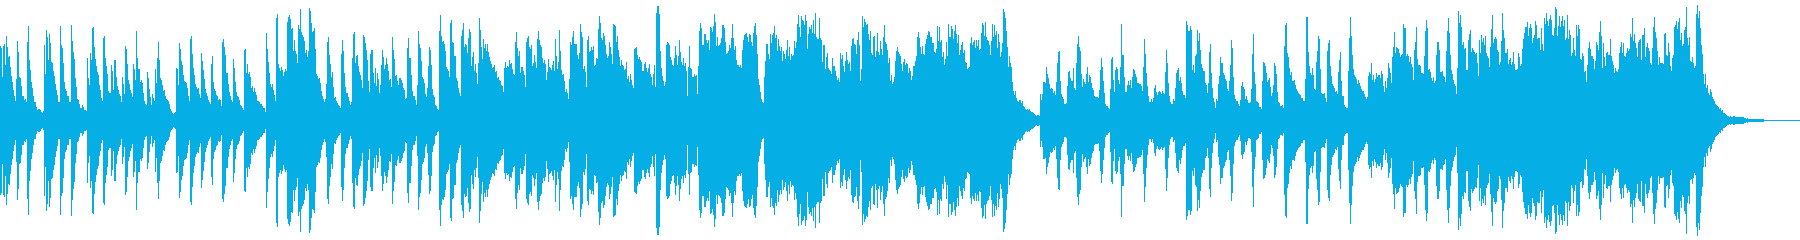 アコースティックなほのぼのふわふわ曲の再生済みの波形